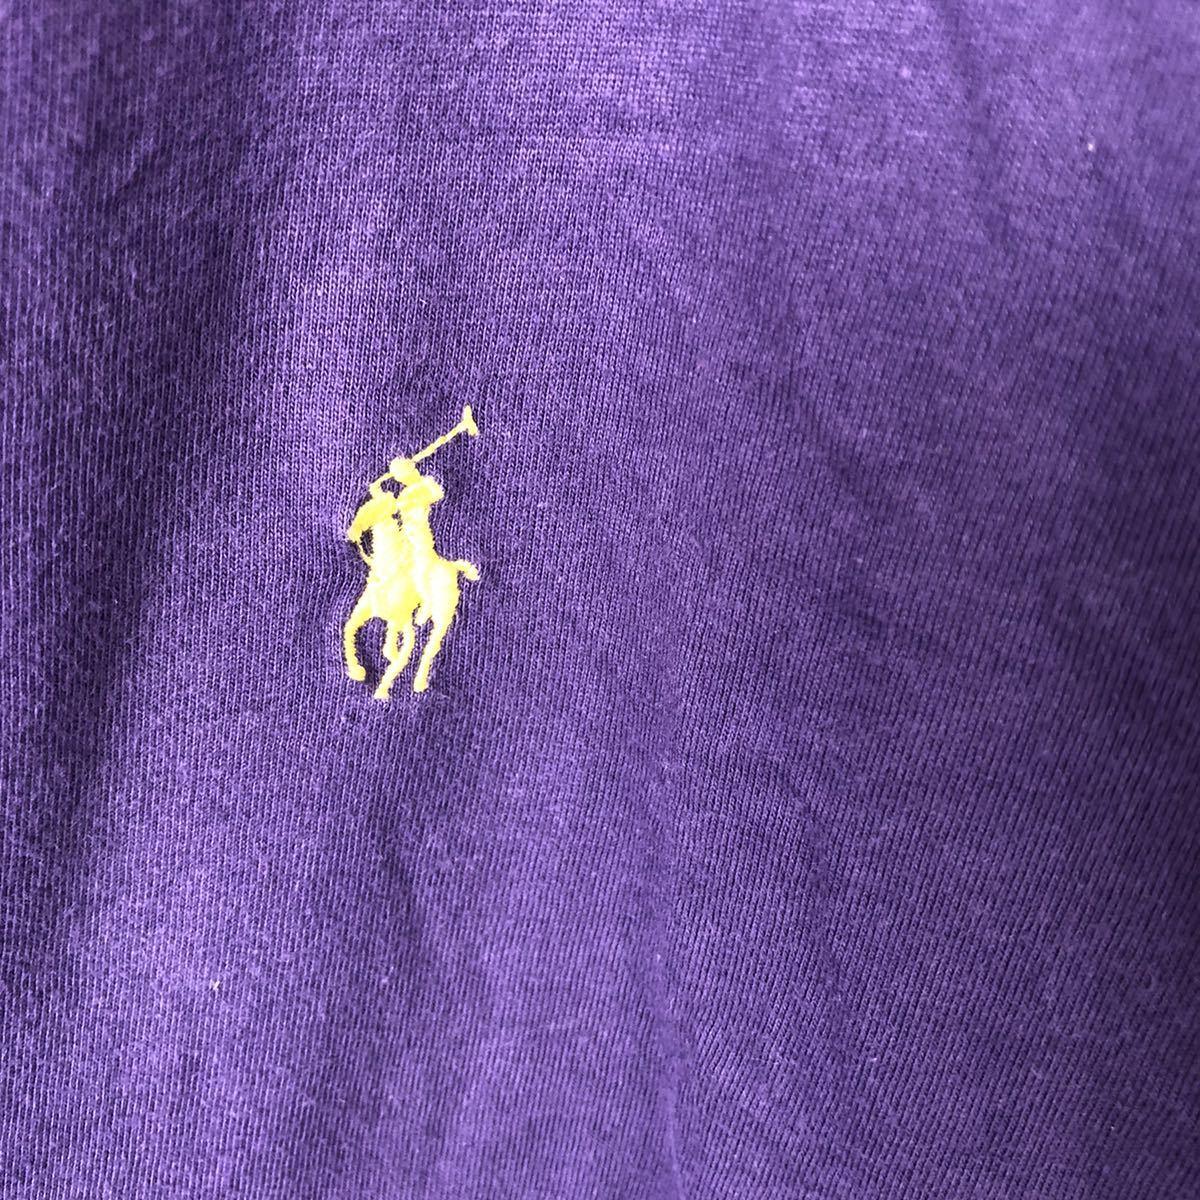 YR154 ポロバイラルフローレン POLO by Ralph Lauren 半袖 Tシャツ Vネック ワンポイント 刺繍ロゴ 紫 パープル ビッグサイズ メンズXL nn_画像3